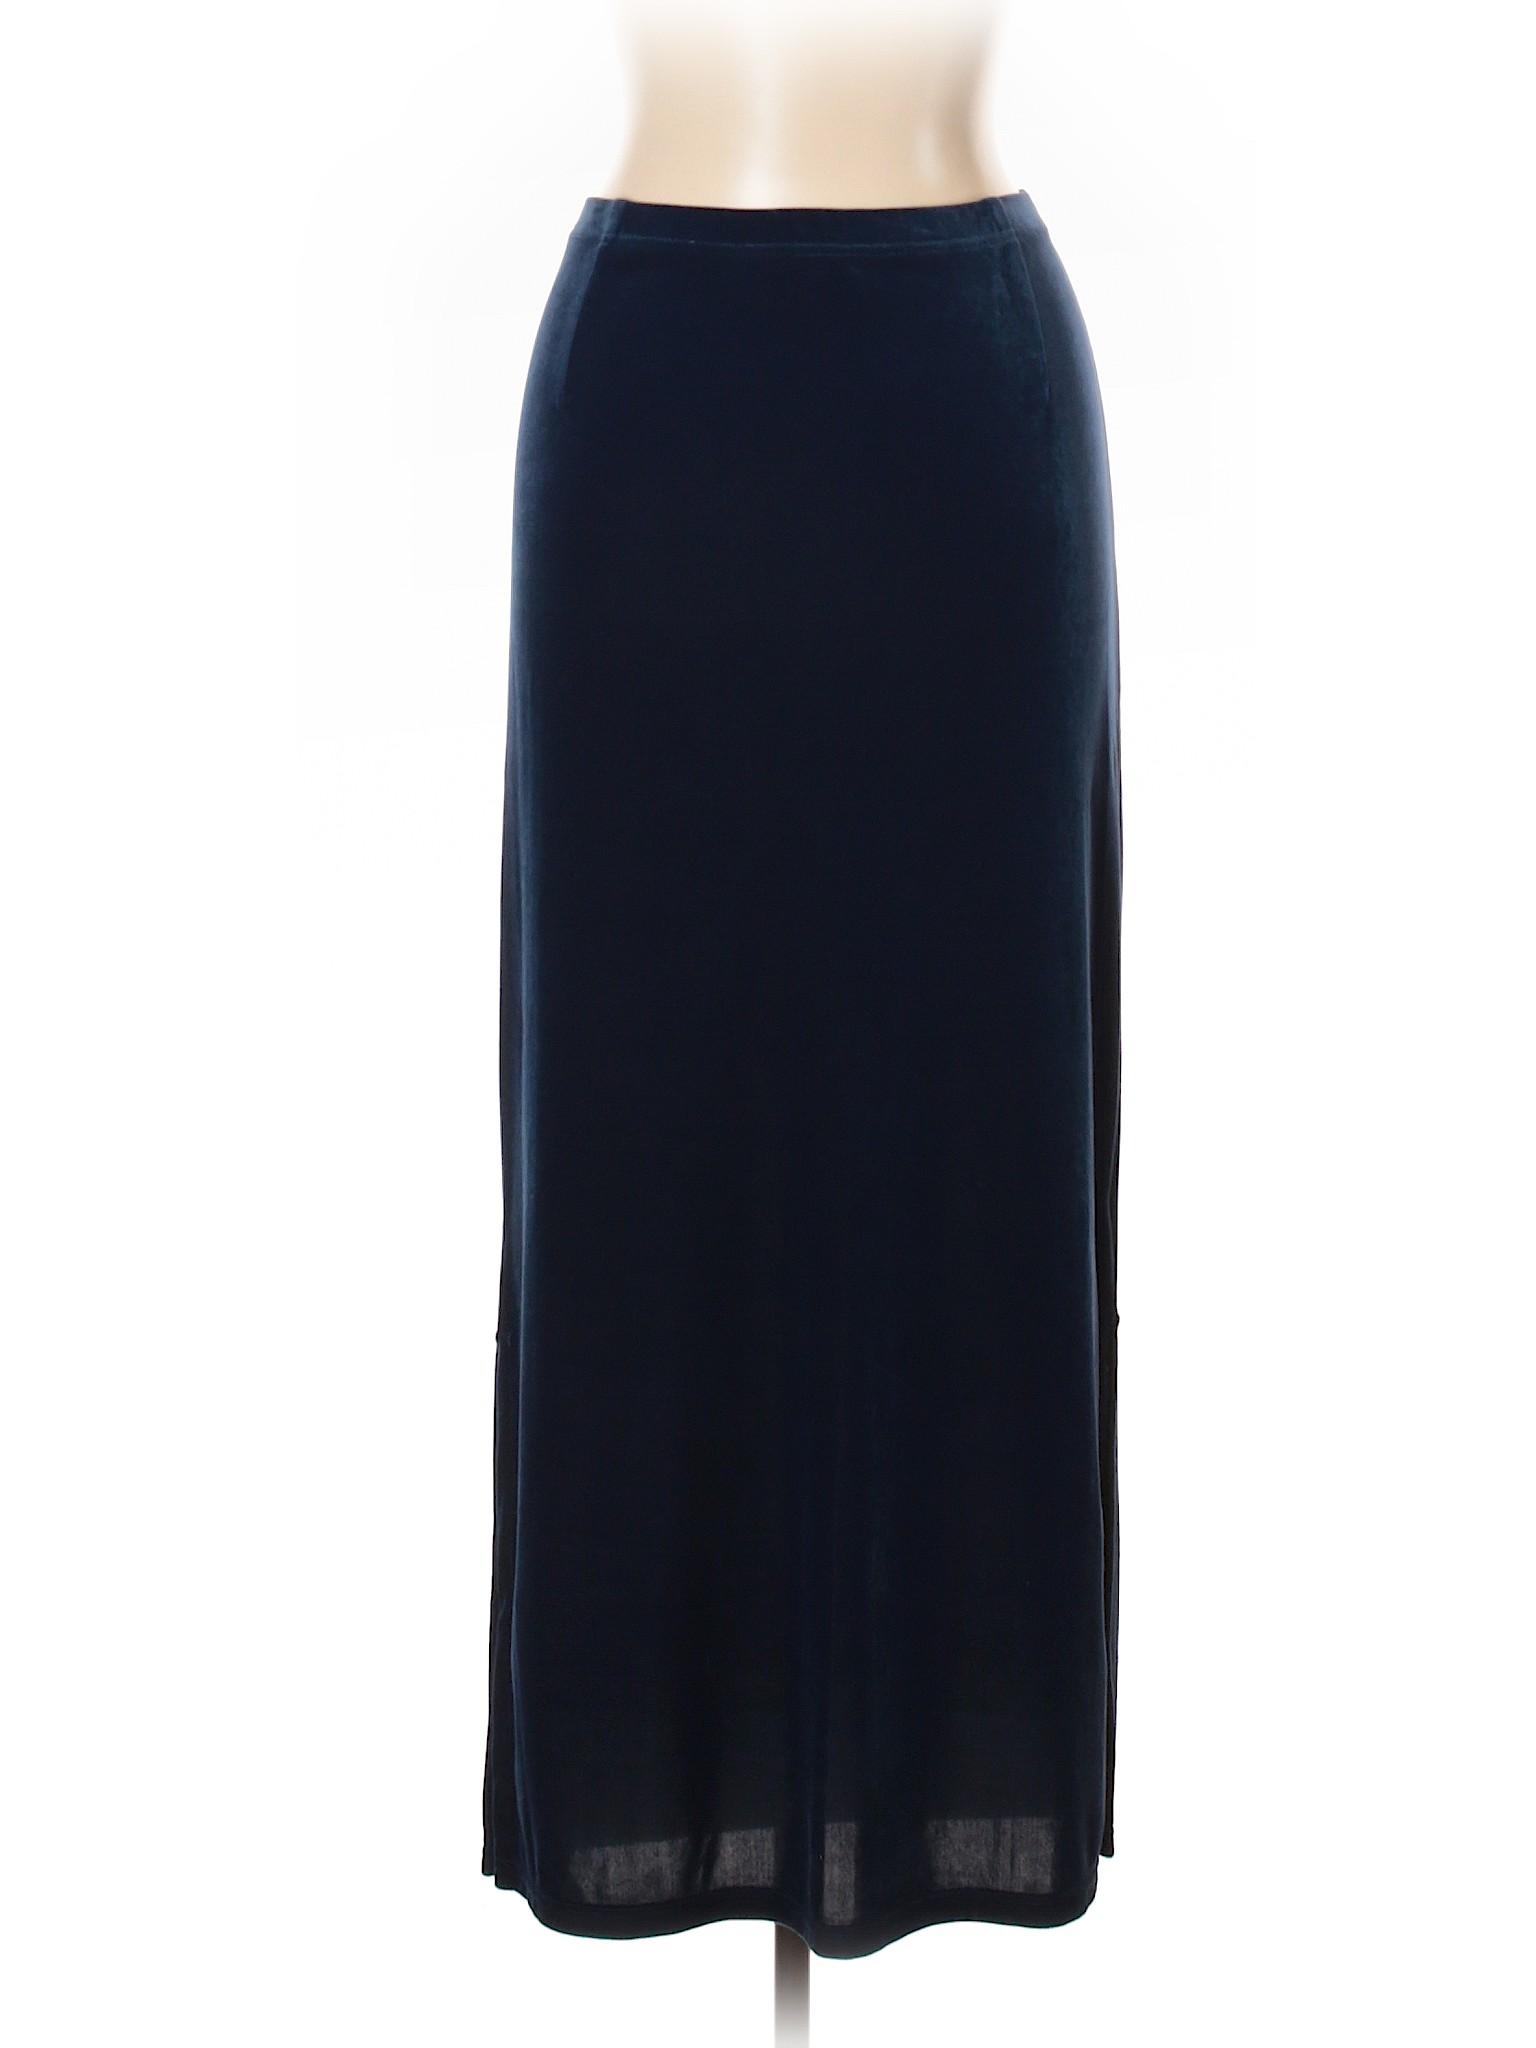 Claiborne Skirt Boutique Liz Boutique Liz Casual Boutique Skirt Casual Claiborne HPqxnBa